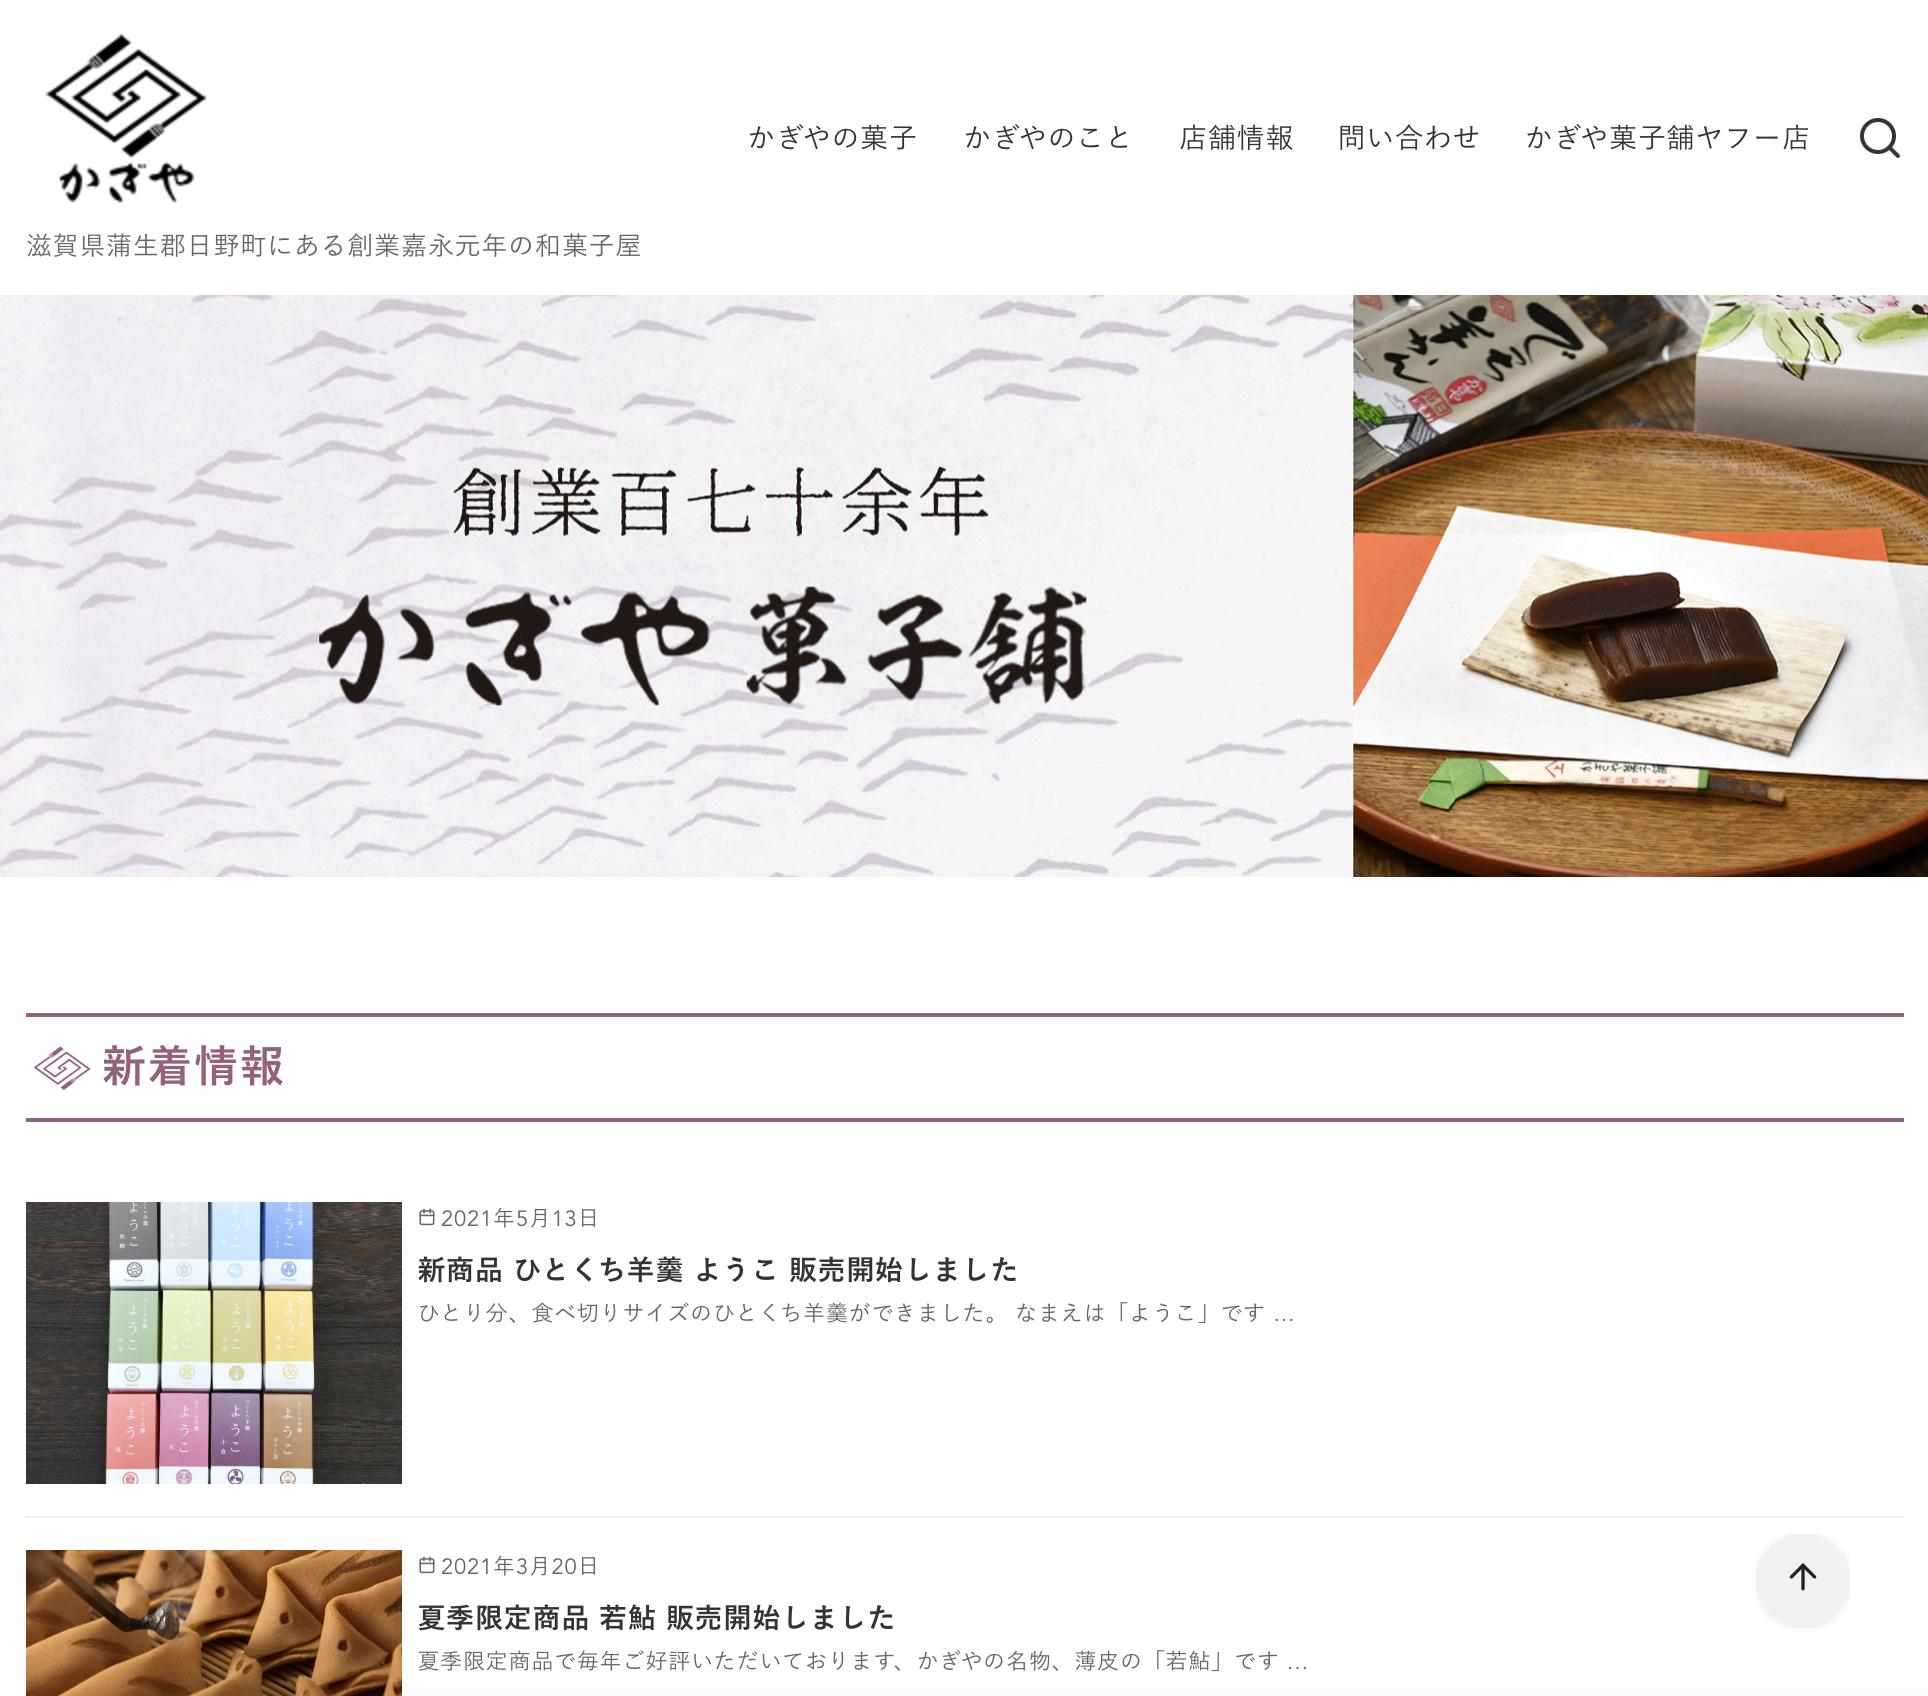 かぎや菓子舗様Webサイト